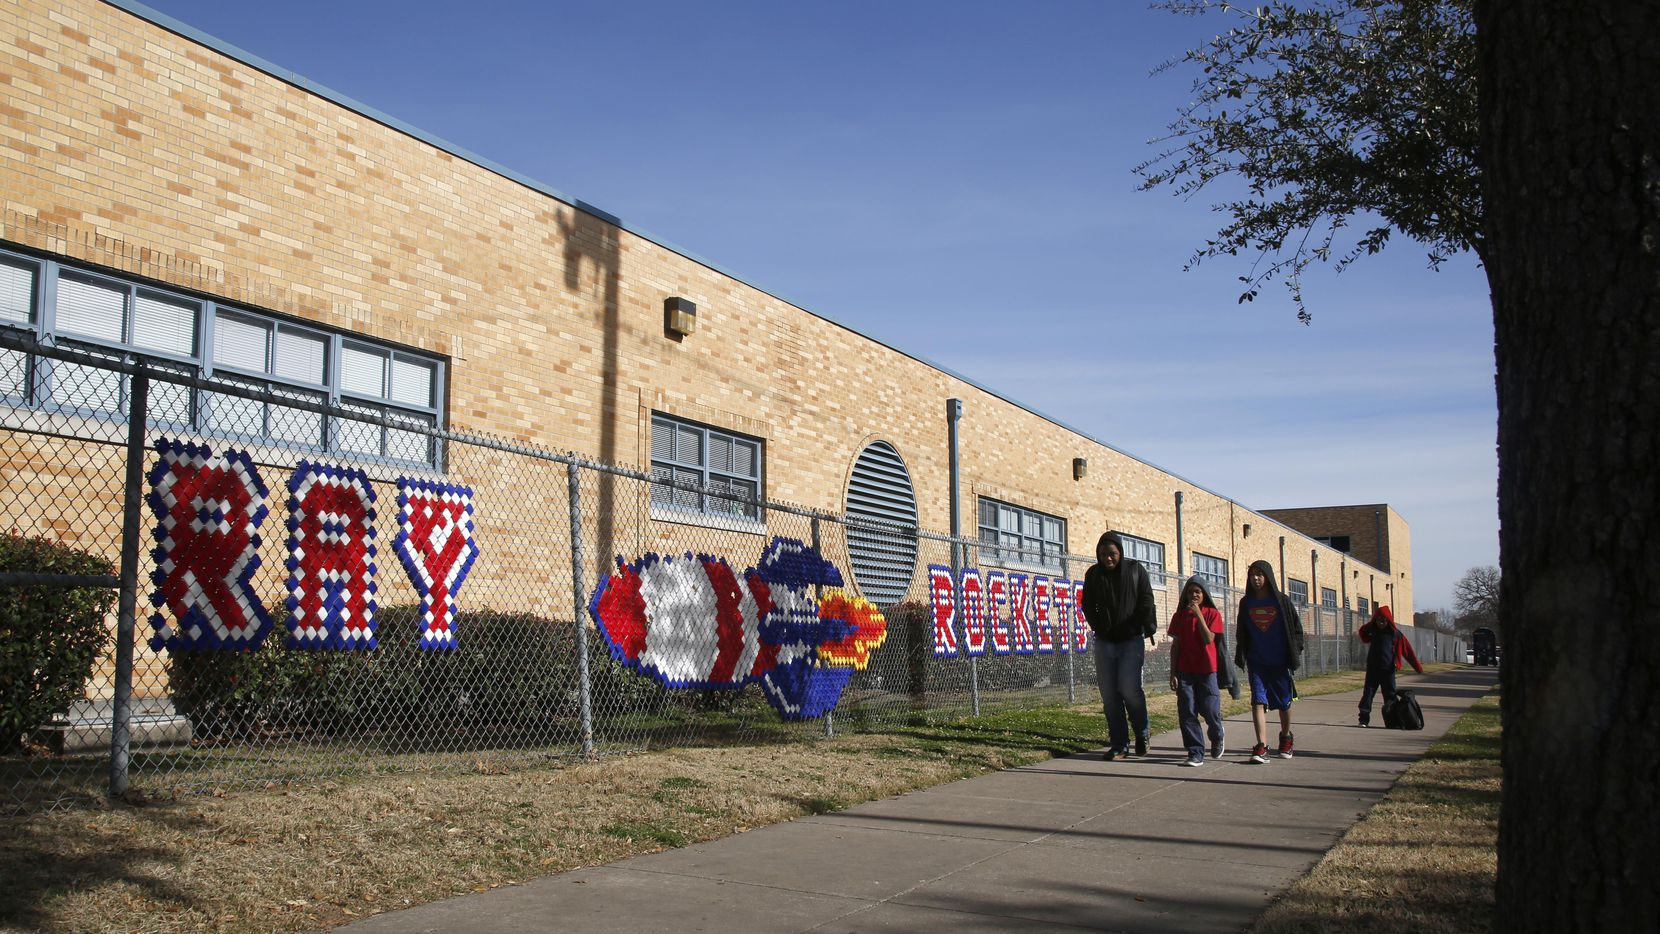 Un grupo de estudiantes cruza la calle en las afueras de la escuela J. W. Ray Learning Center, que podría cerrar por su bajo desempeño. GUY REYNOLDS/DMN